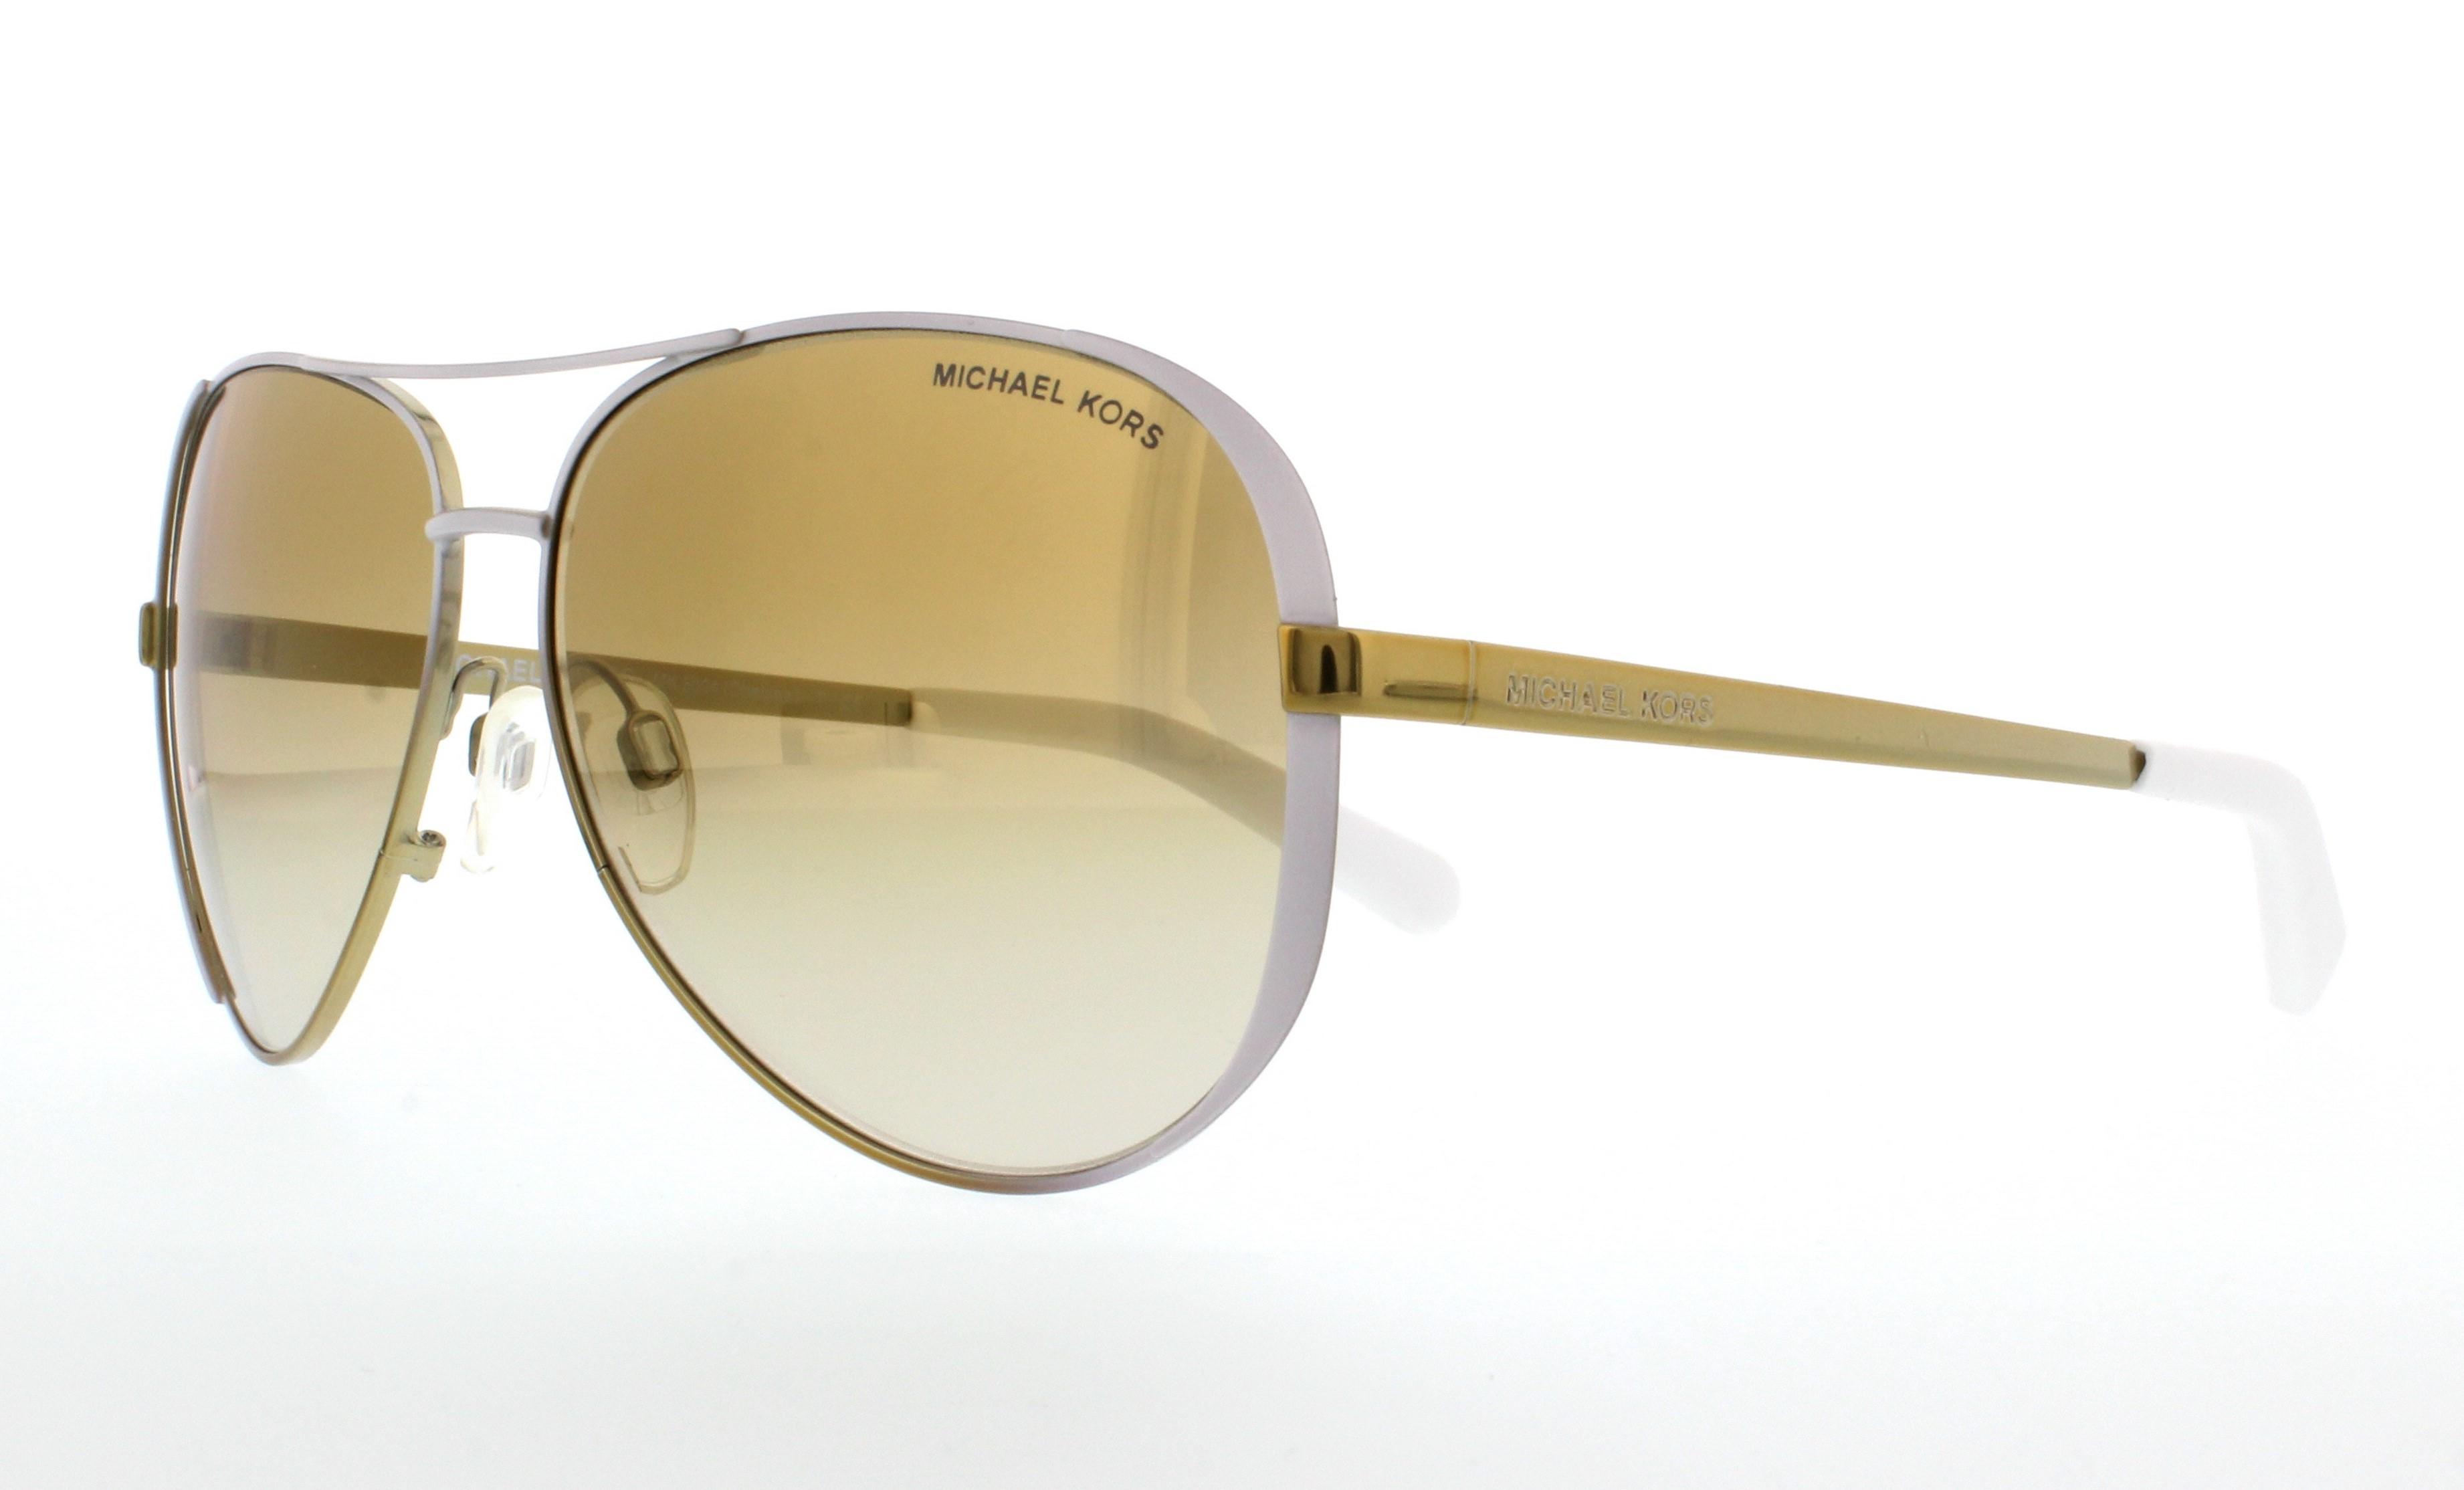 0061f649a13 Designer Frames Outlet. Michael Kors MK5004 Chelsea